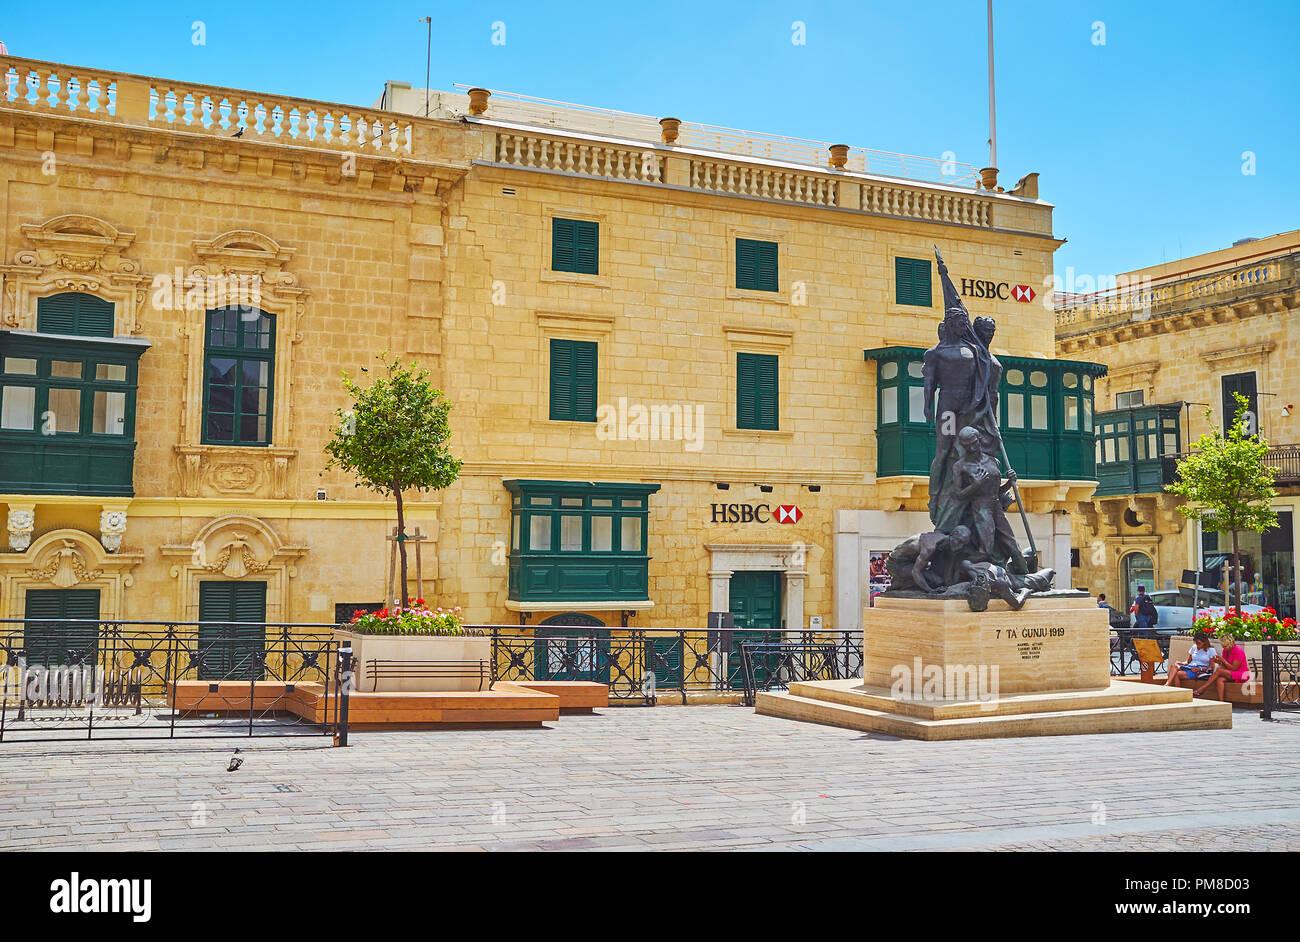 La Valletta, Malta - 17 giugno 2018: Sette Giugno monumento in St George Square (Piazza del Palazzo) con scenic vecchi edifici sullo sfondo, il 17 giugno ho Immagini Stock